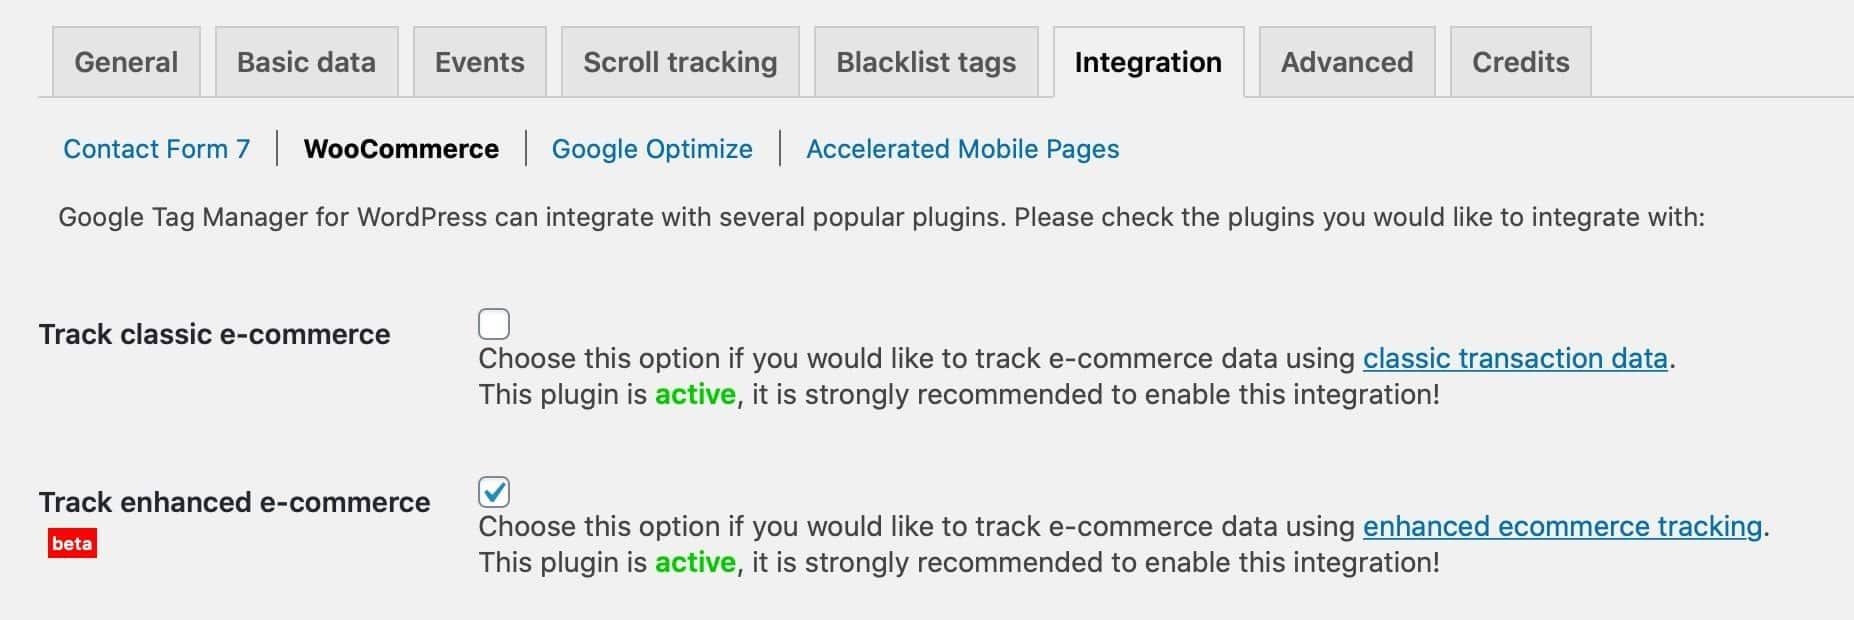 gtm plugin settings